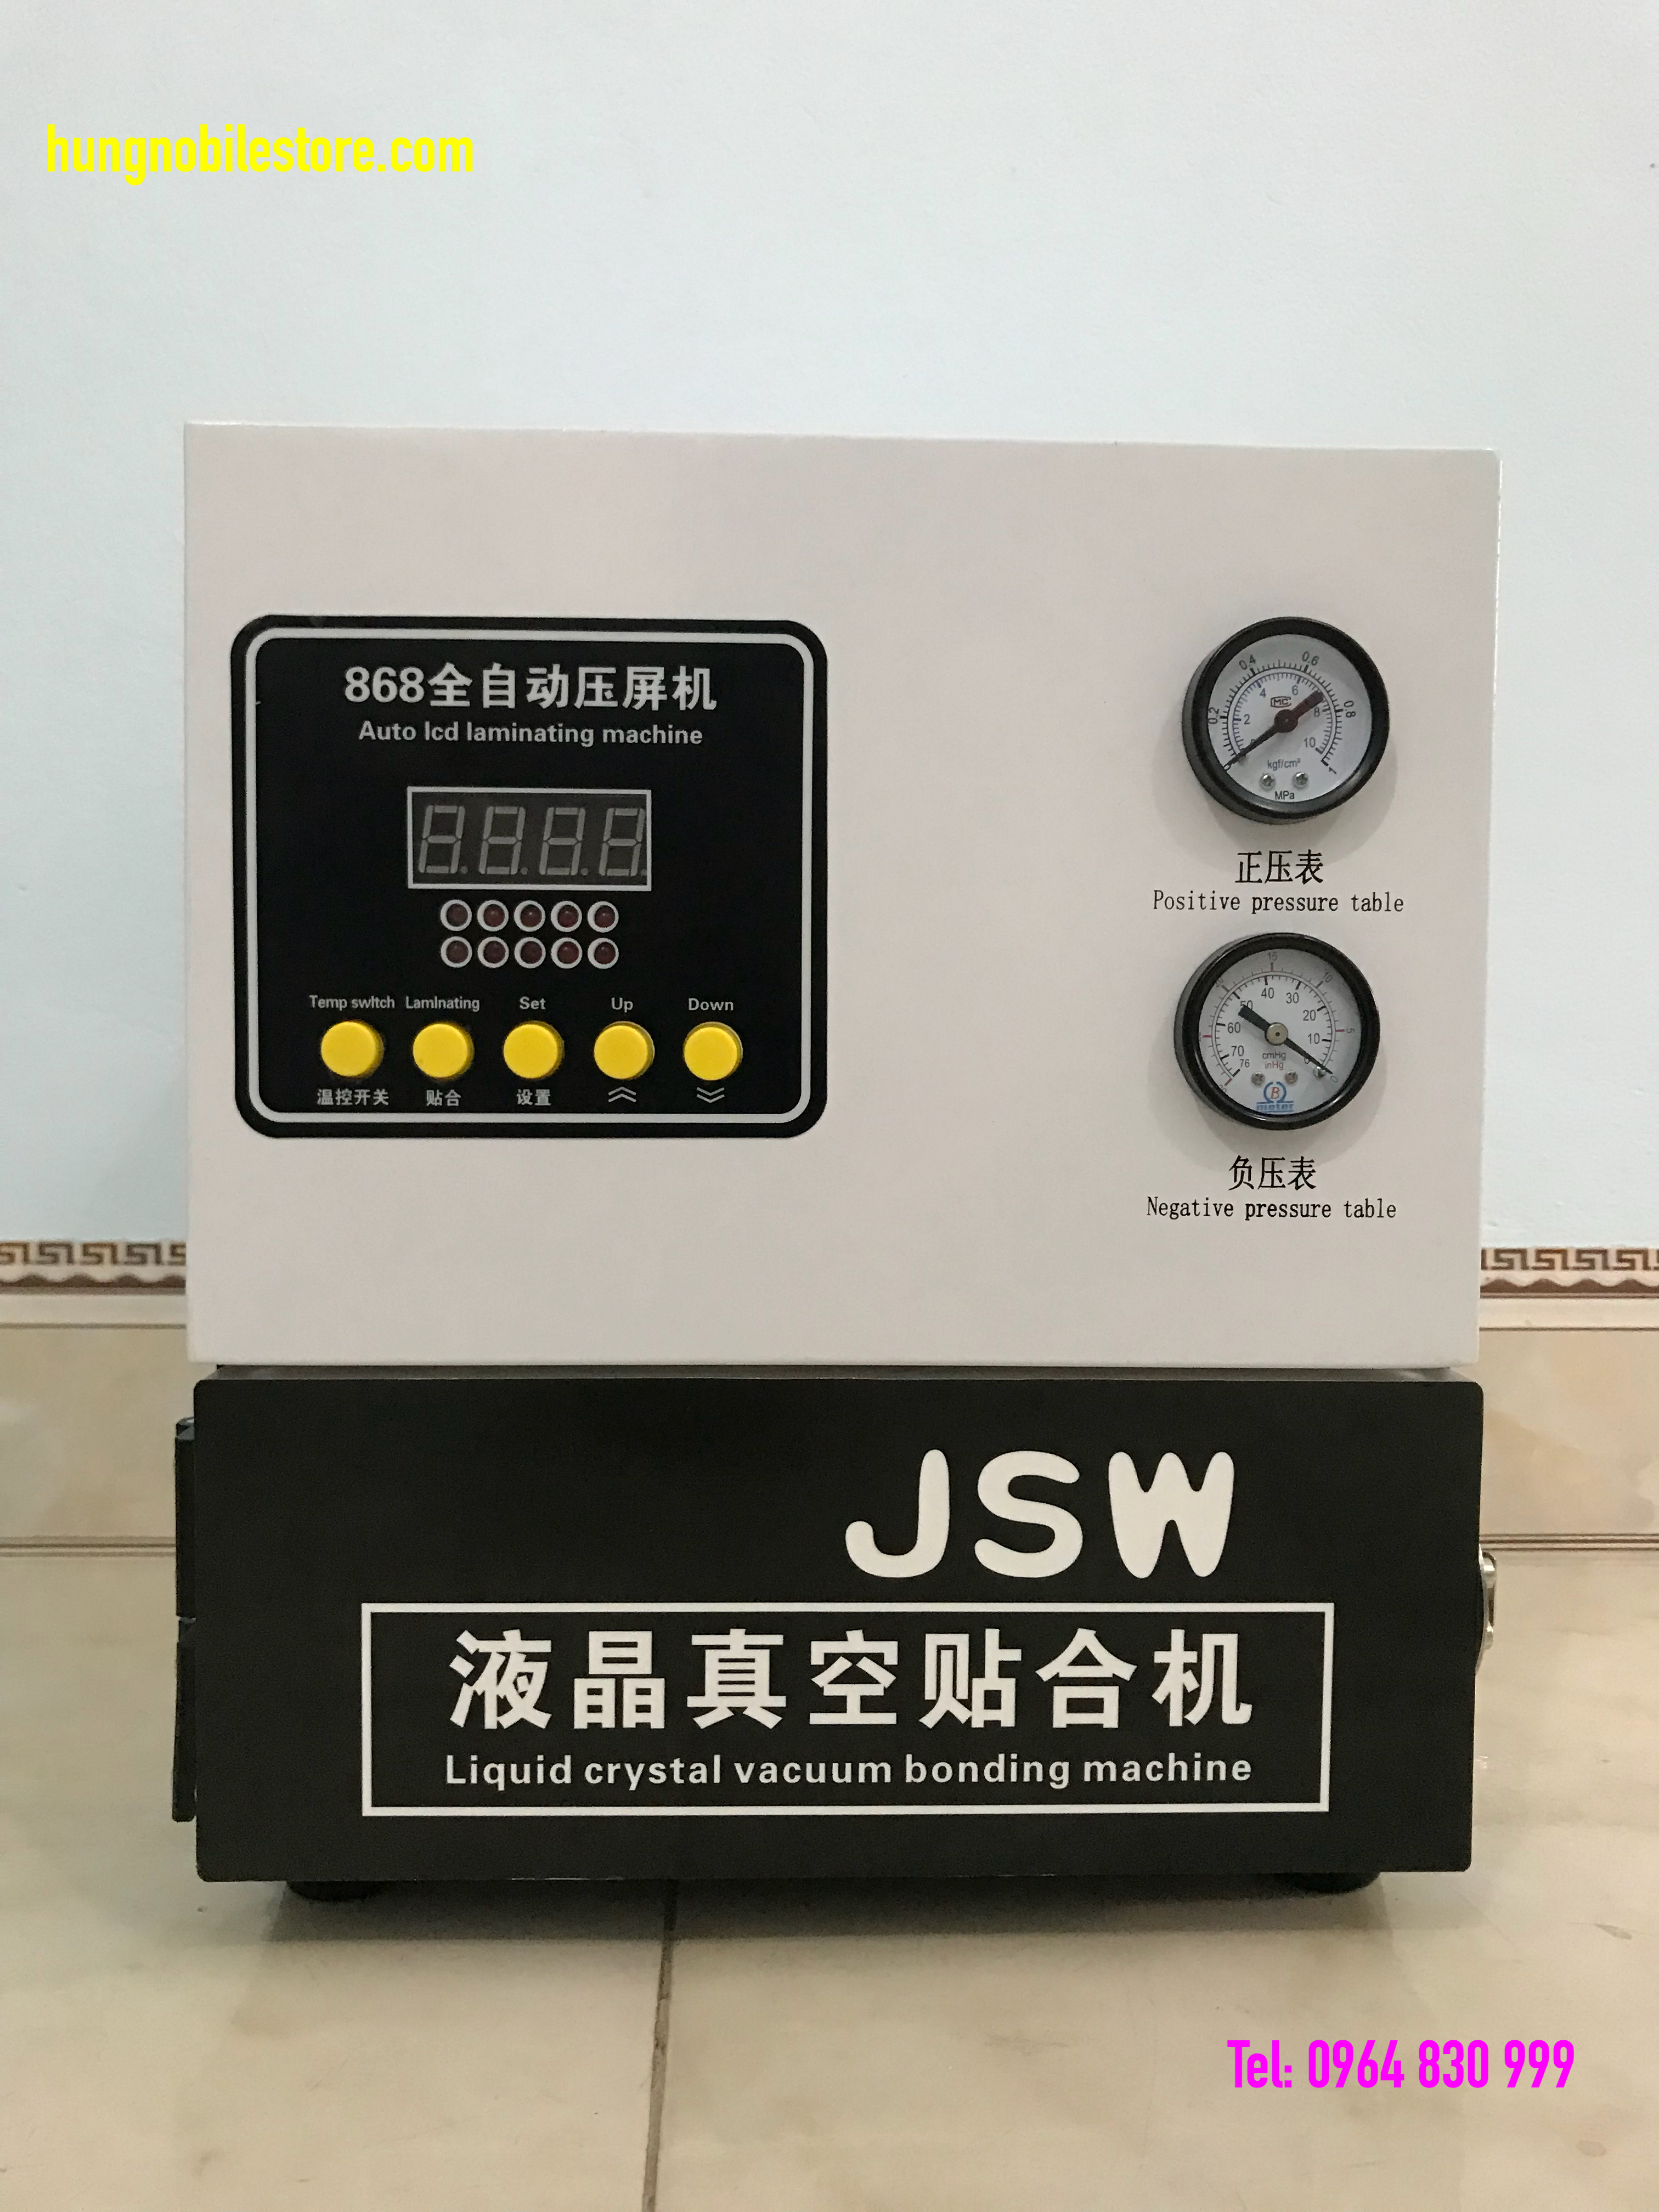 Máy ép kính 13 inch nhập khẩu thương hiệu Jin Shiwang